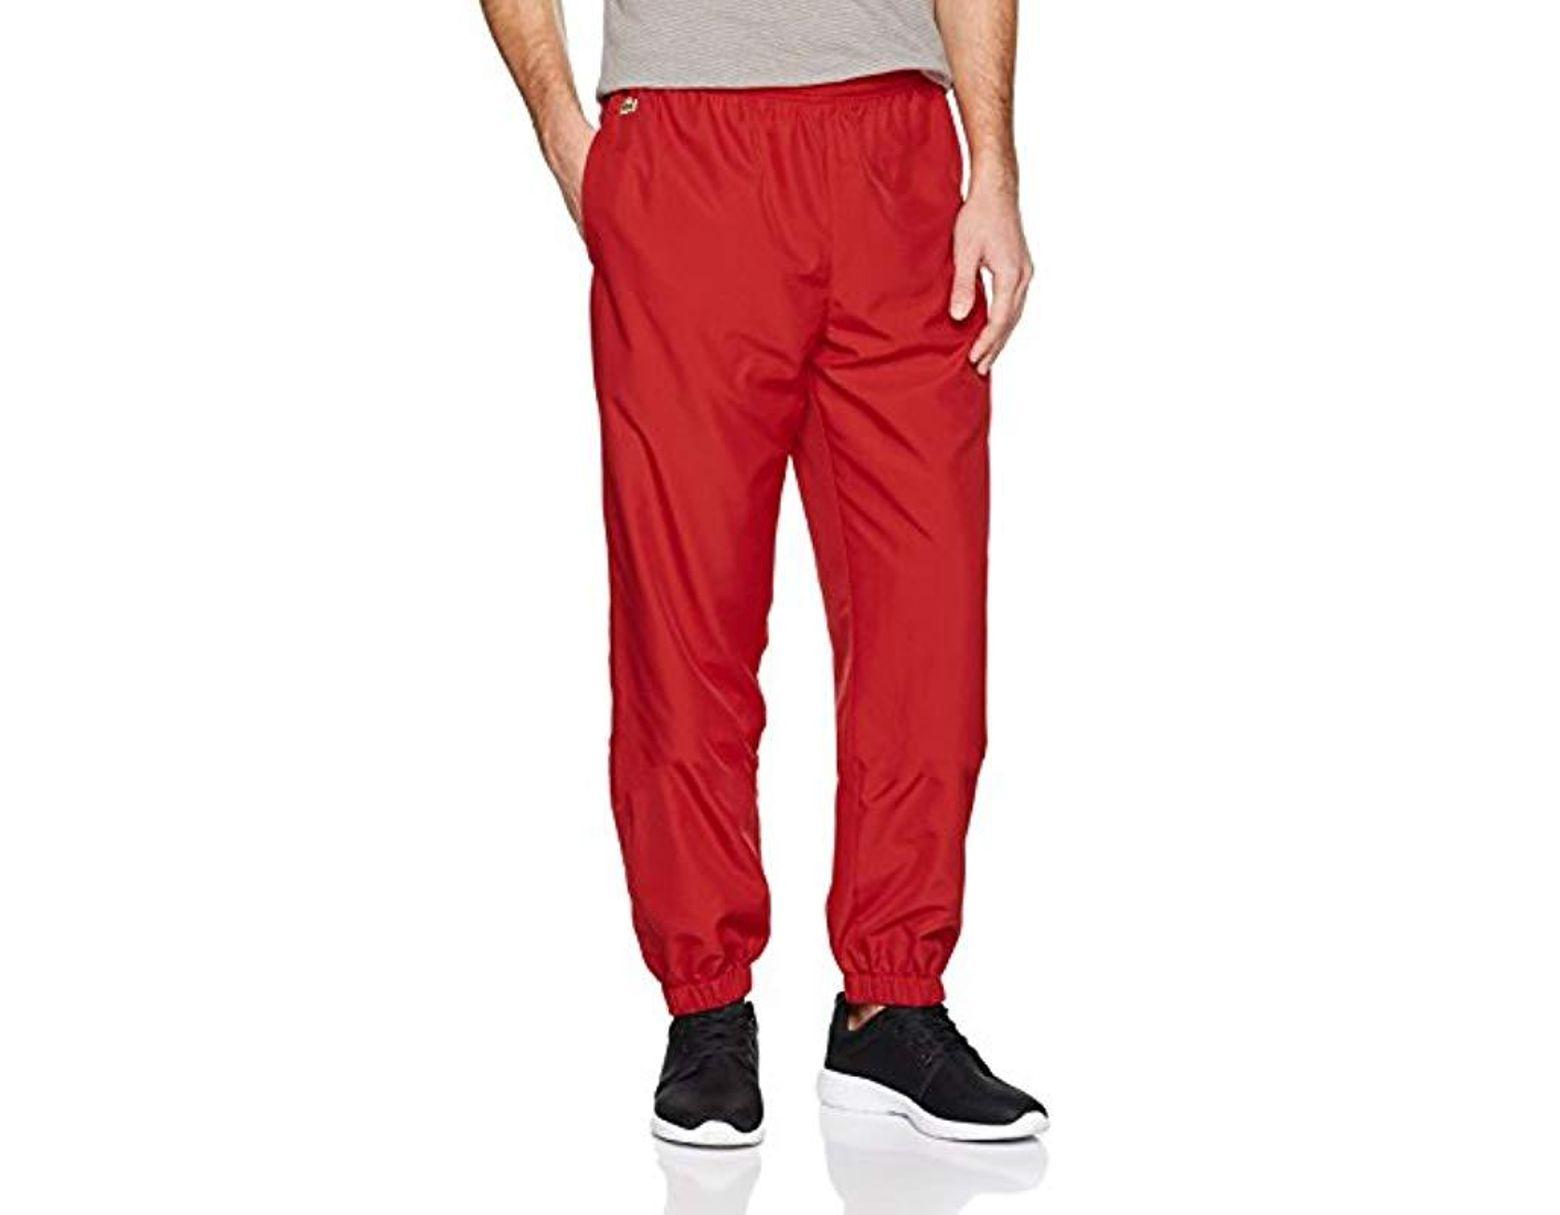 Survêtement Homme De Homme De Rouge Survêtement Coloris Coloris Homme Rouge De Survêtement 3jLq4R5A